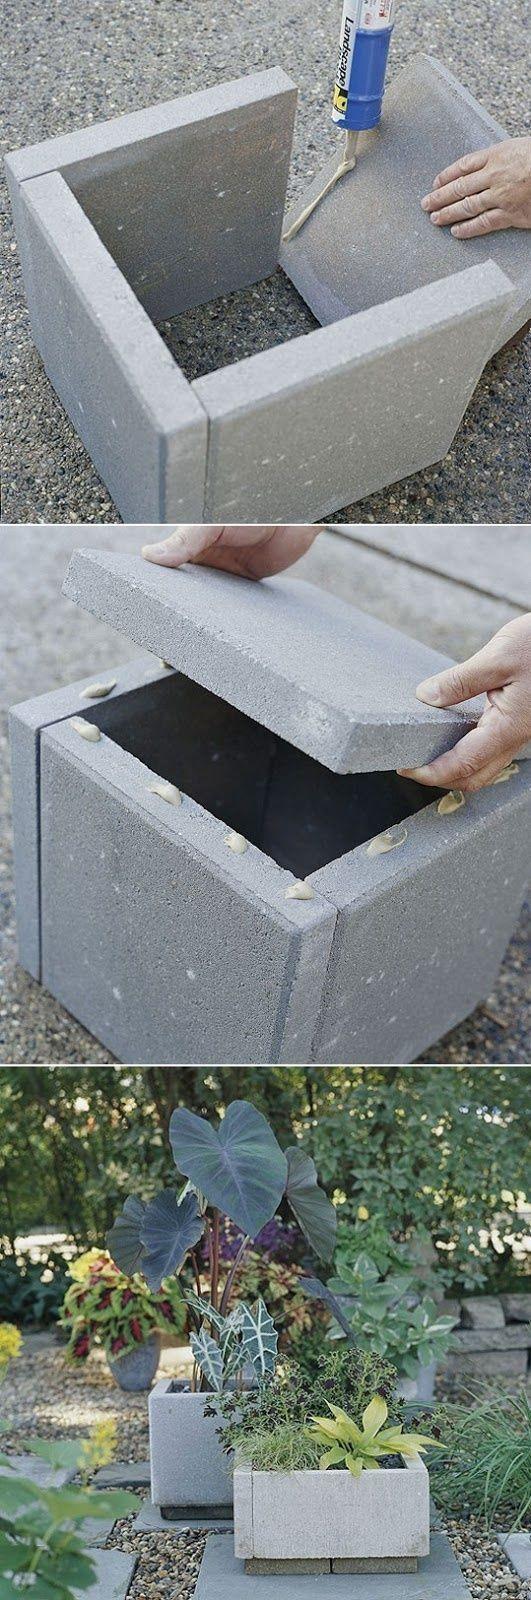 Best 25+ Concrete pavers ideas on Pinterest